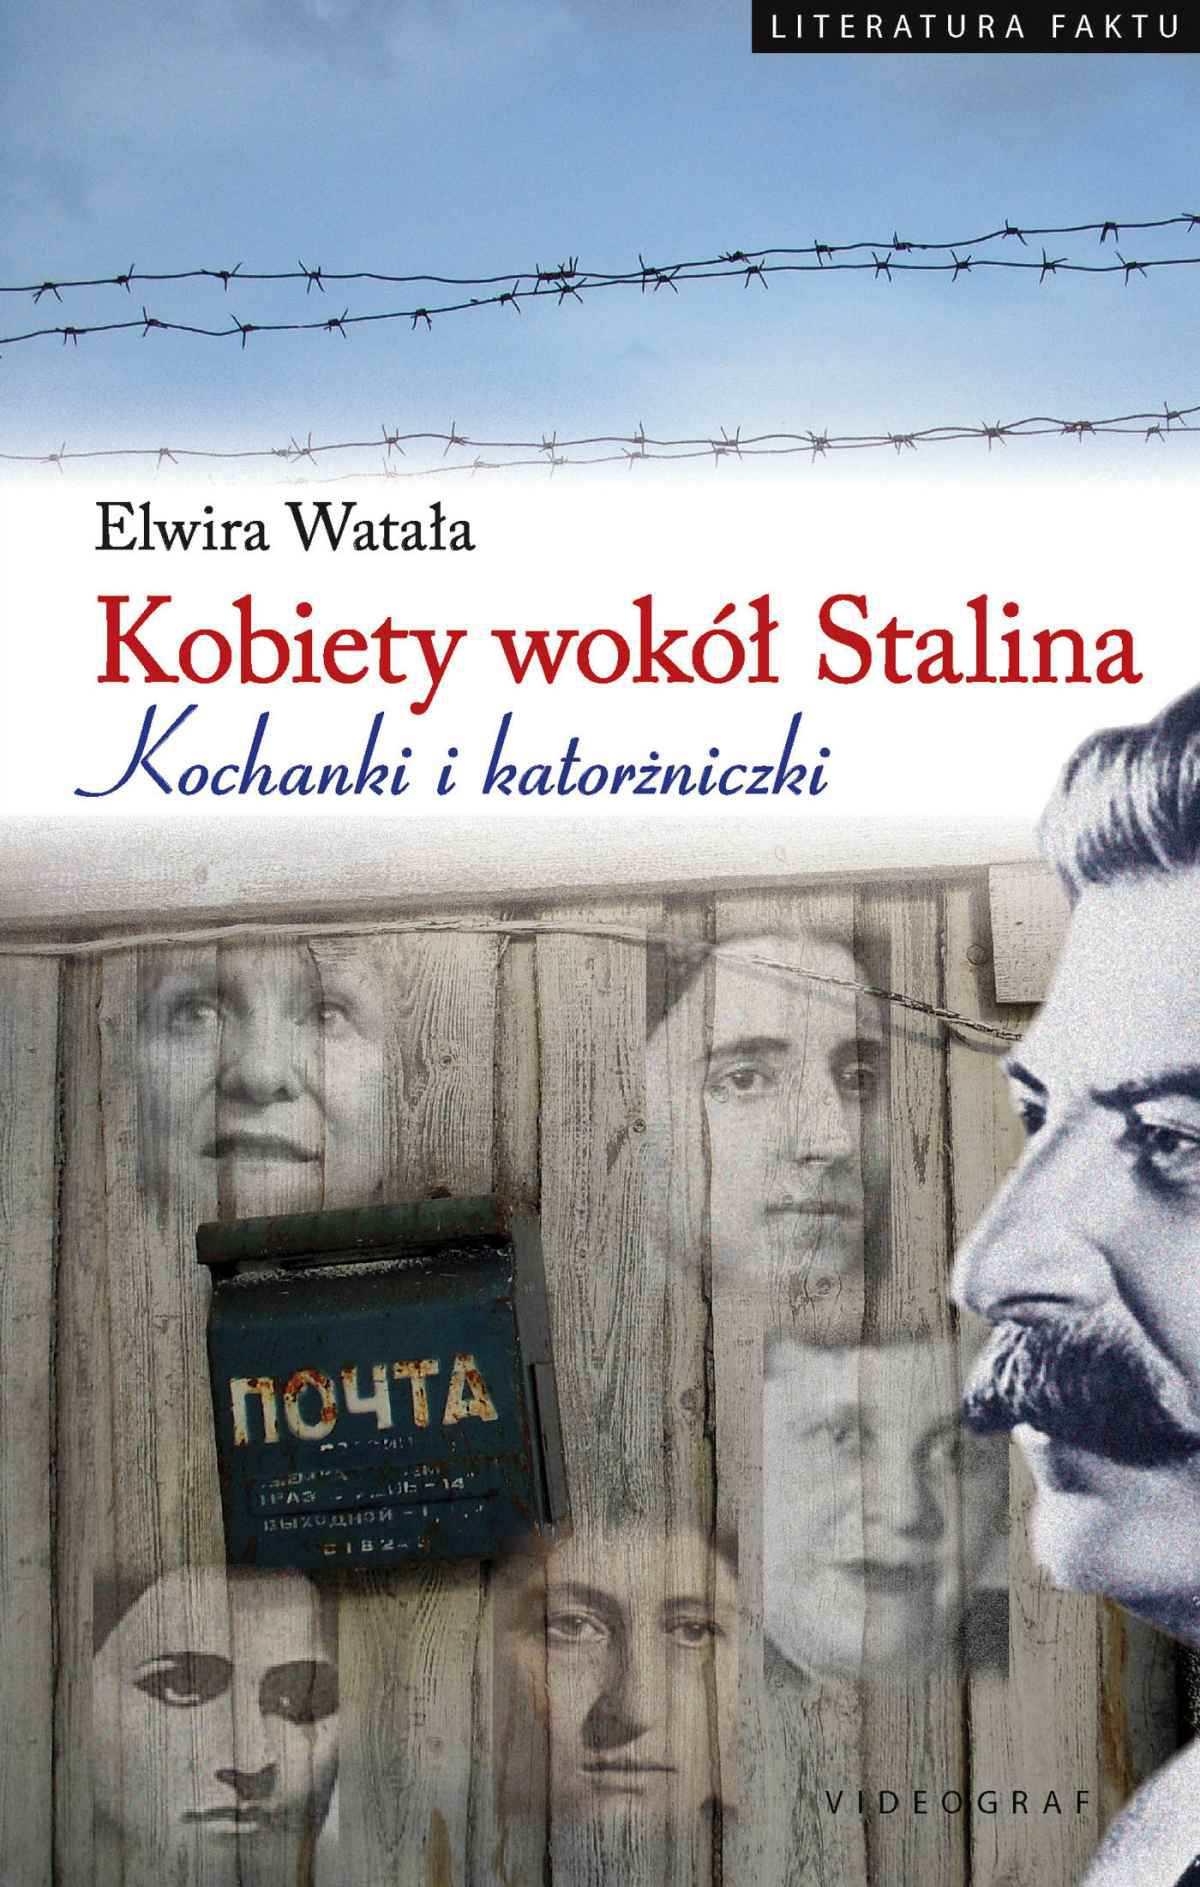 Kobiety wokół Stalina. Kochanki i katorżniczki - Ebook (Książka EPUB) do pobrania w formacie EPUB